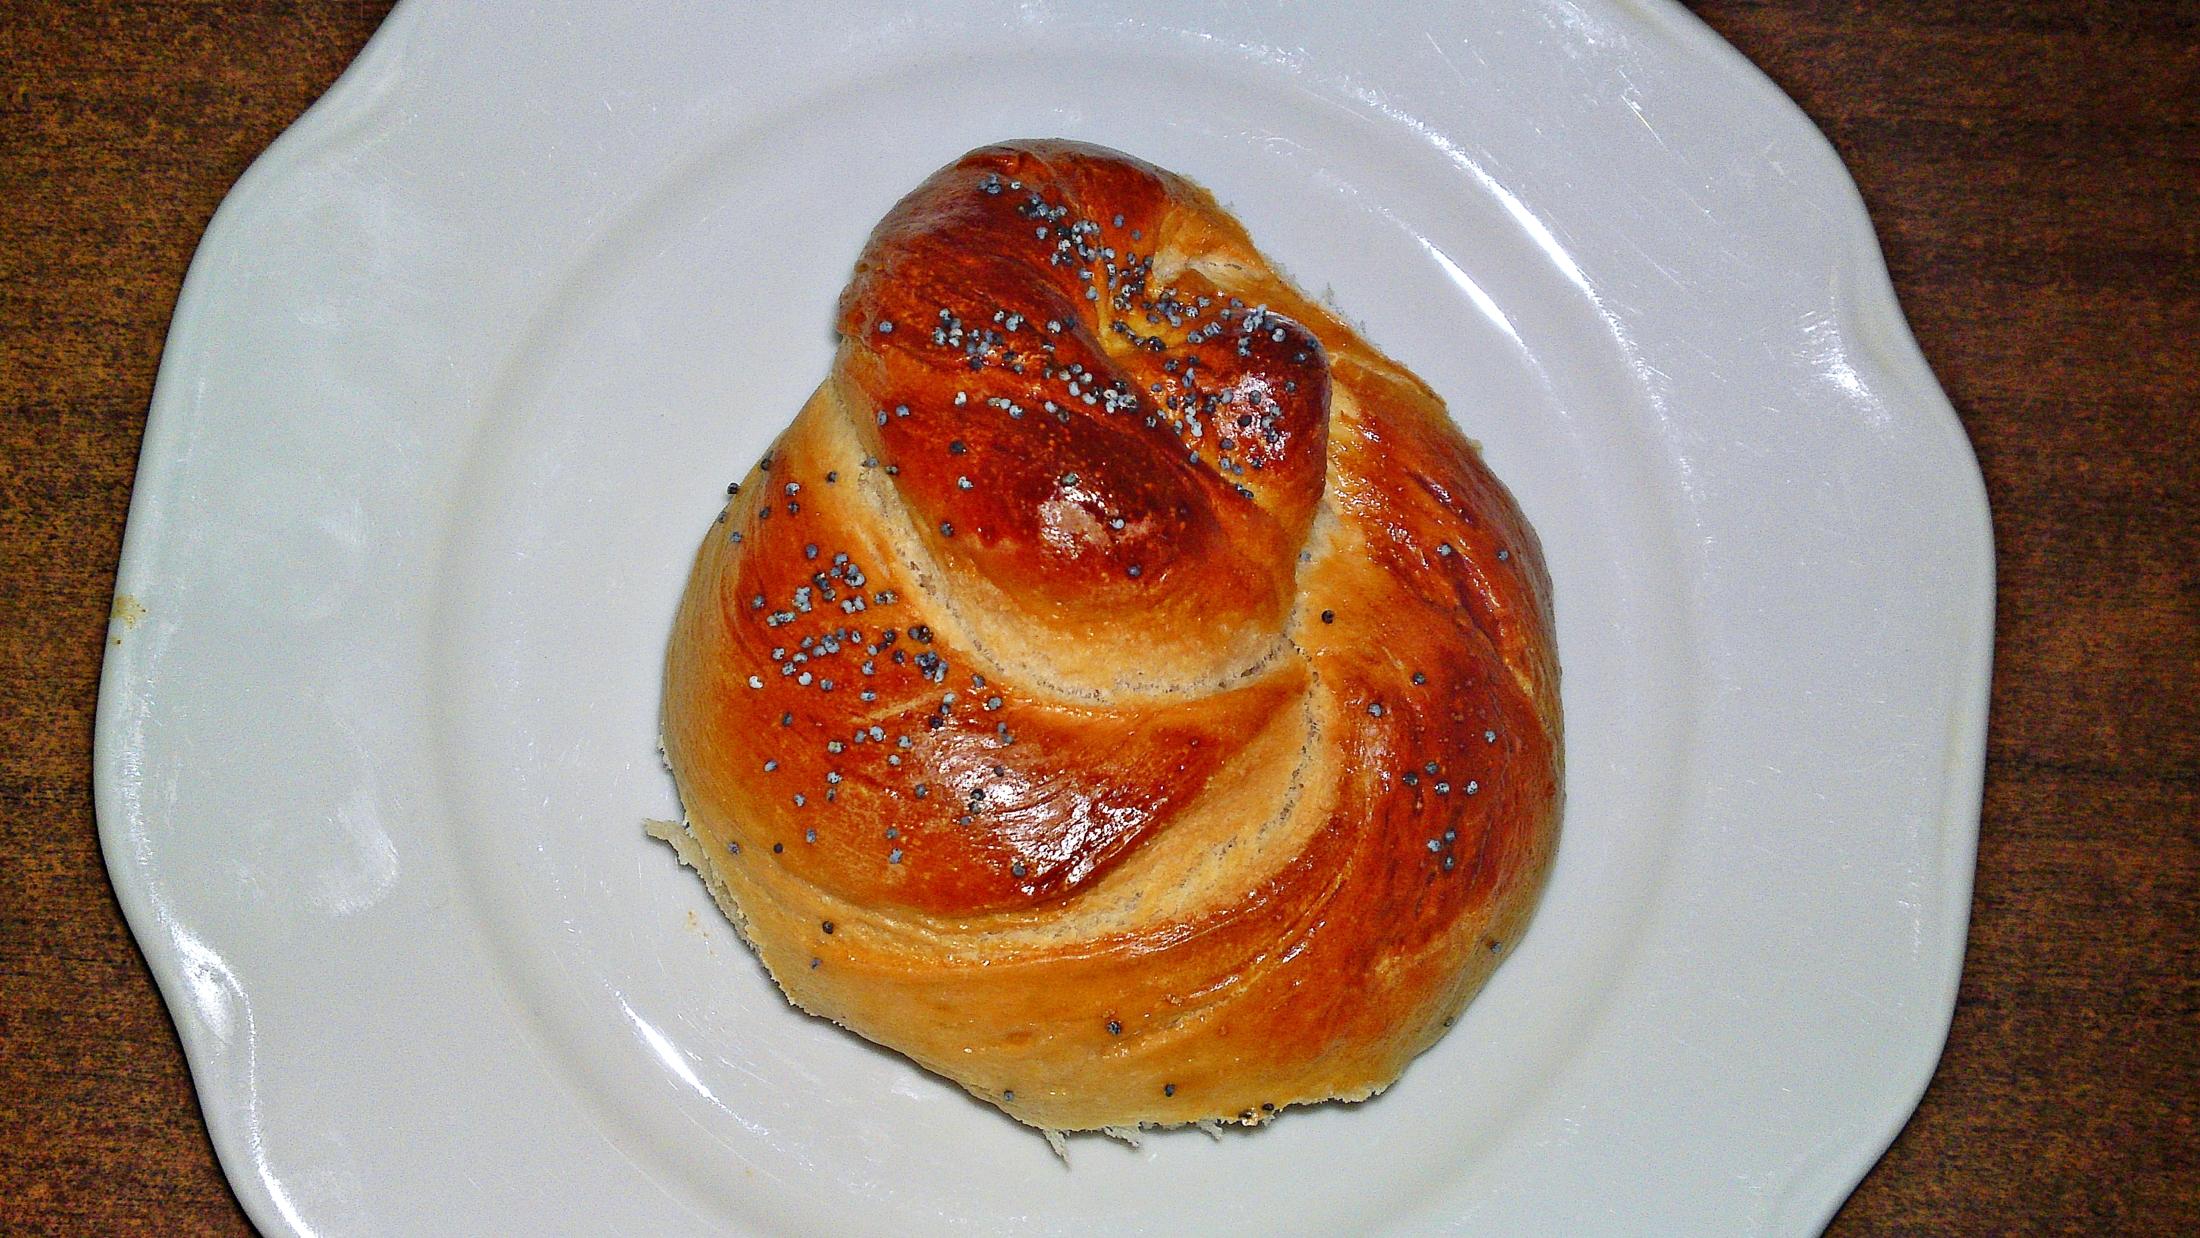 Acma - turecké sladké pečivo